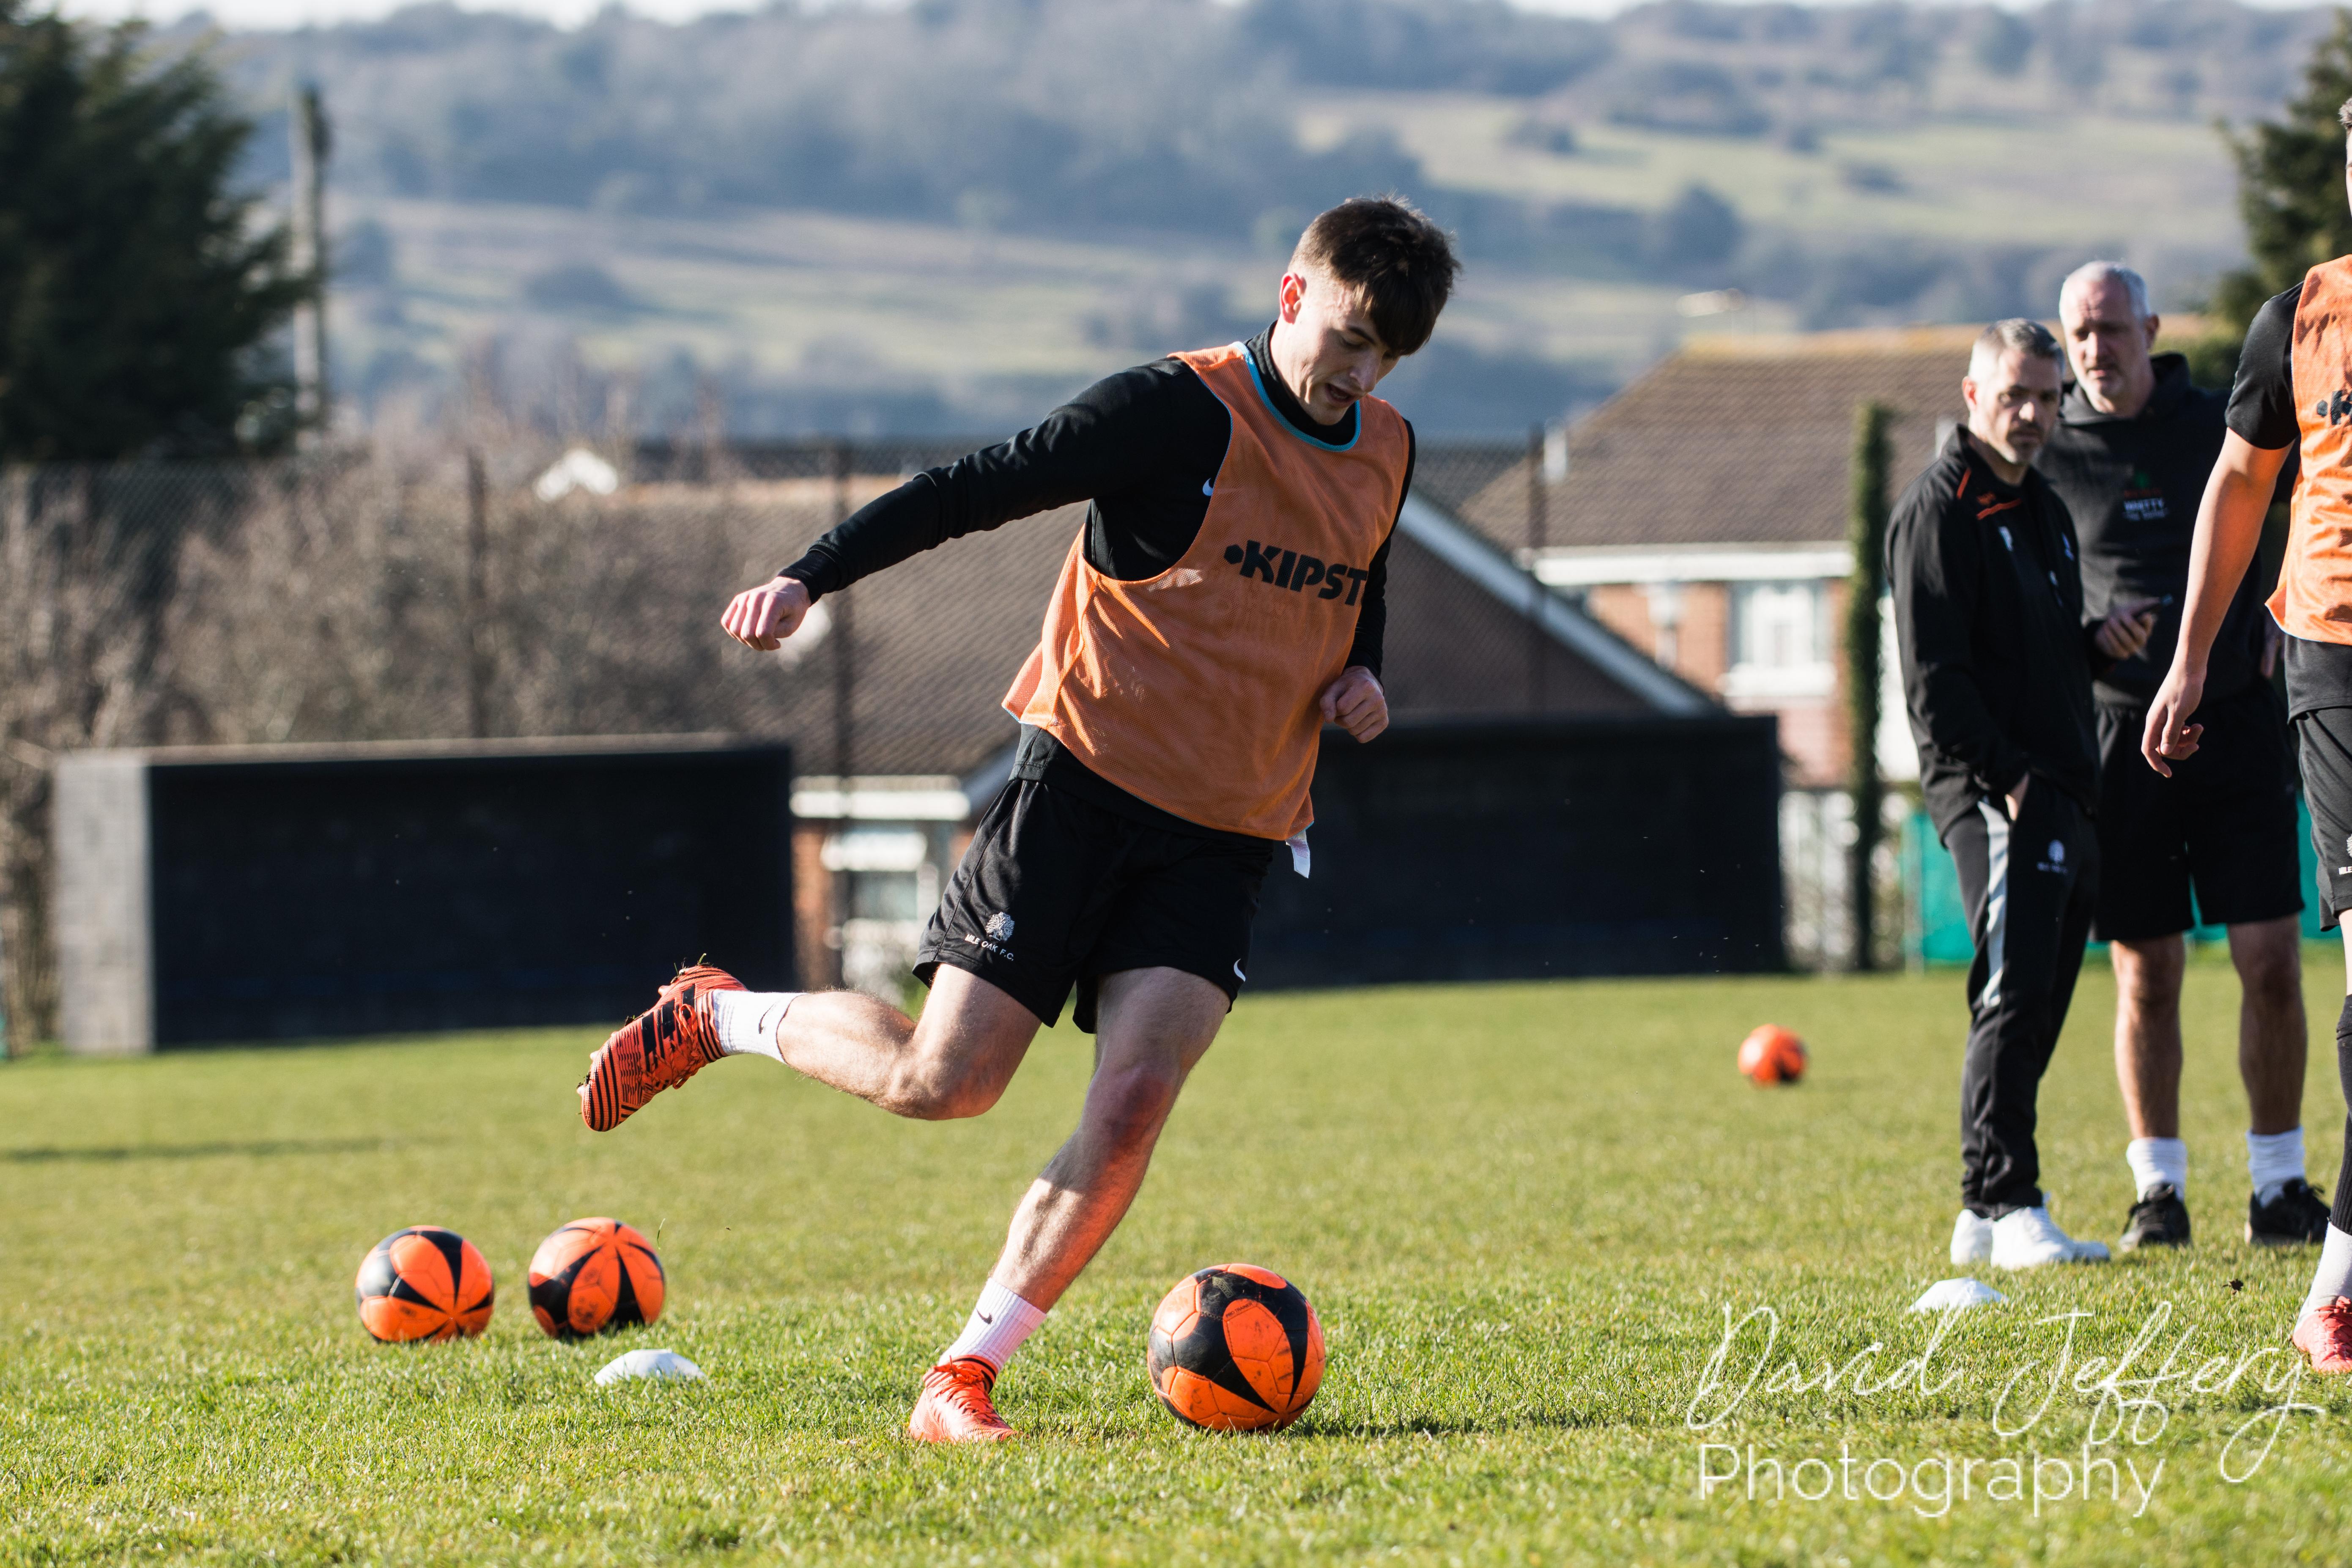 DAVID_JEFFERY MOFC vs Storrington 001